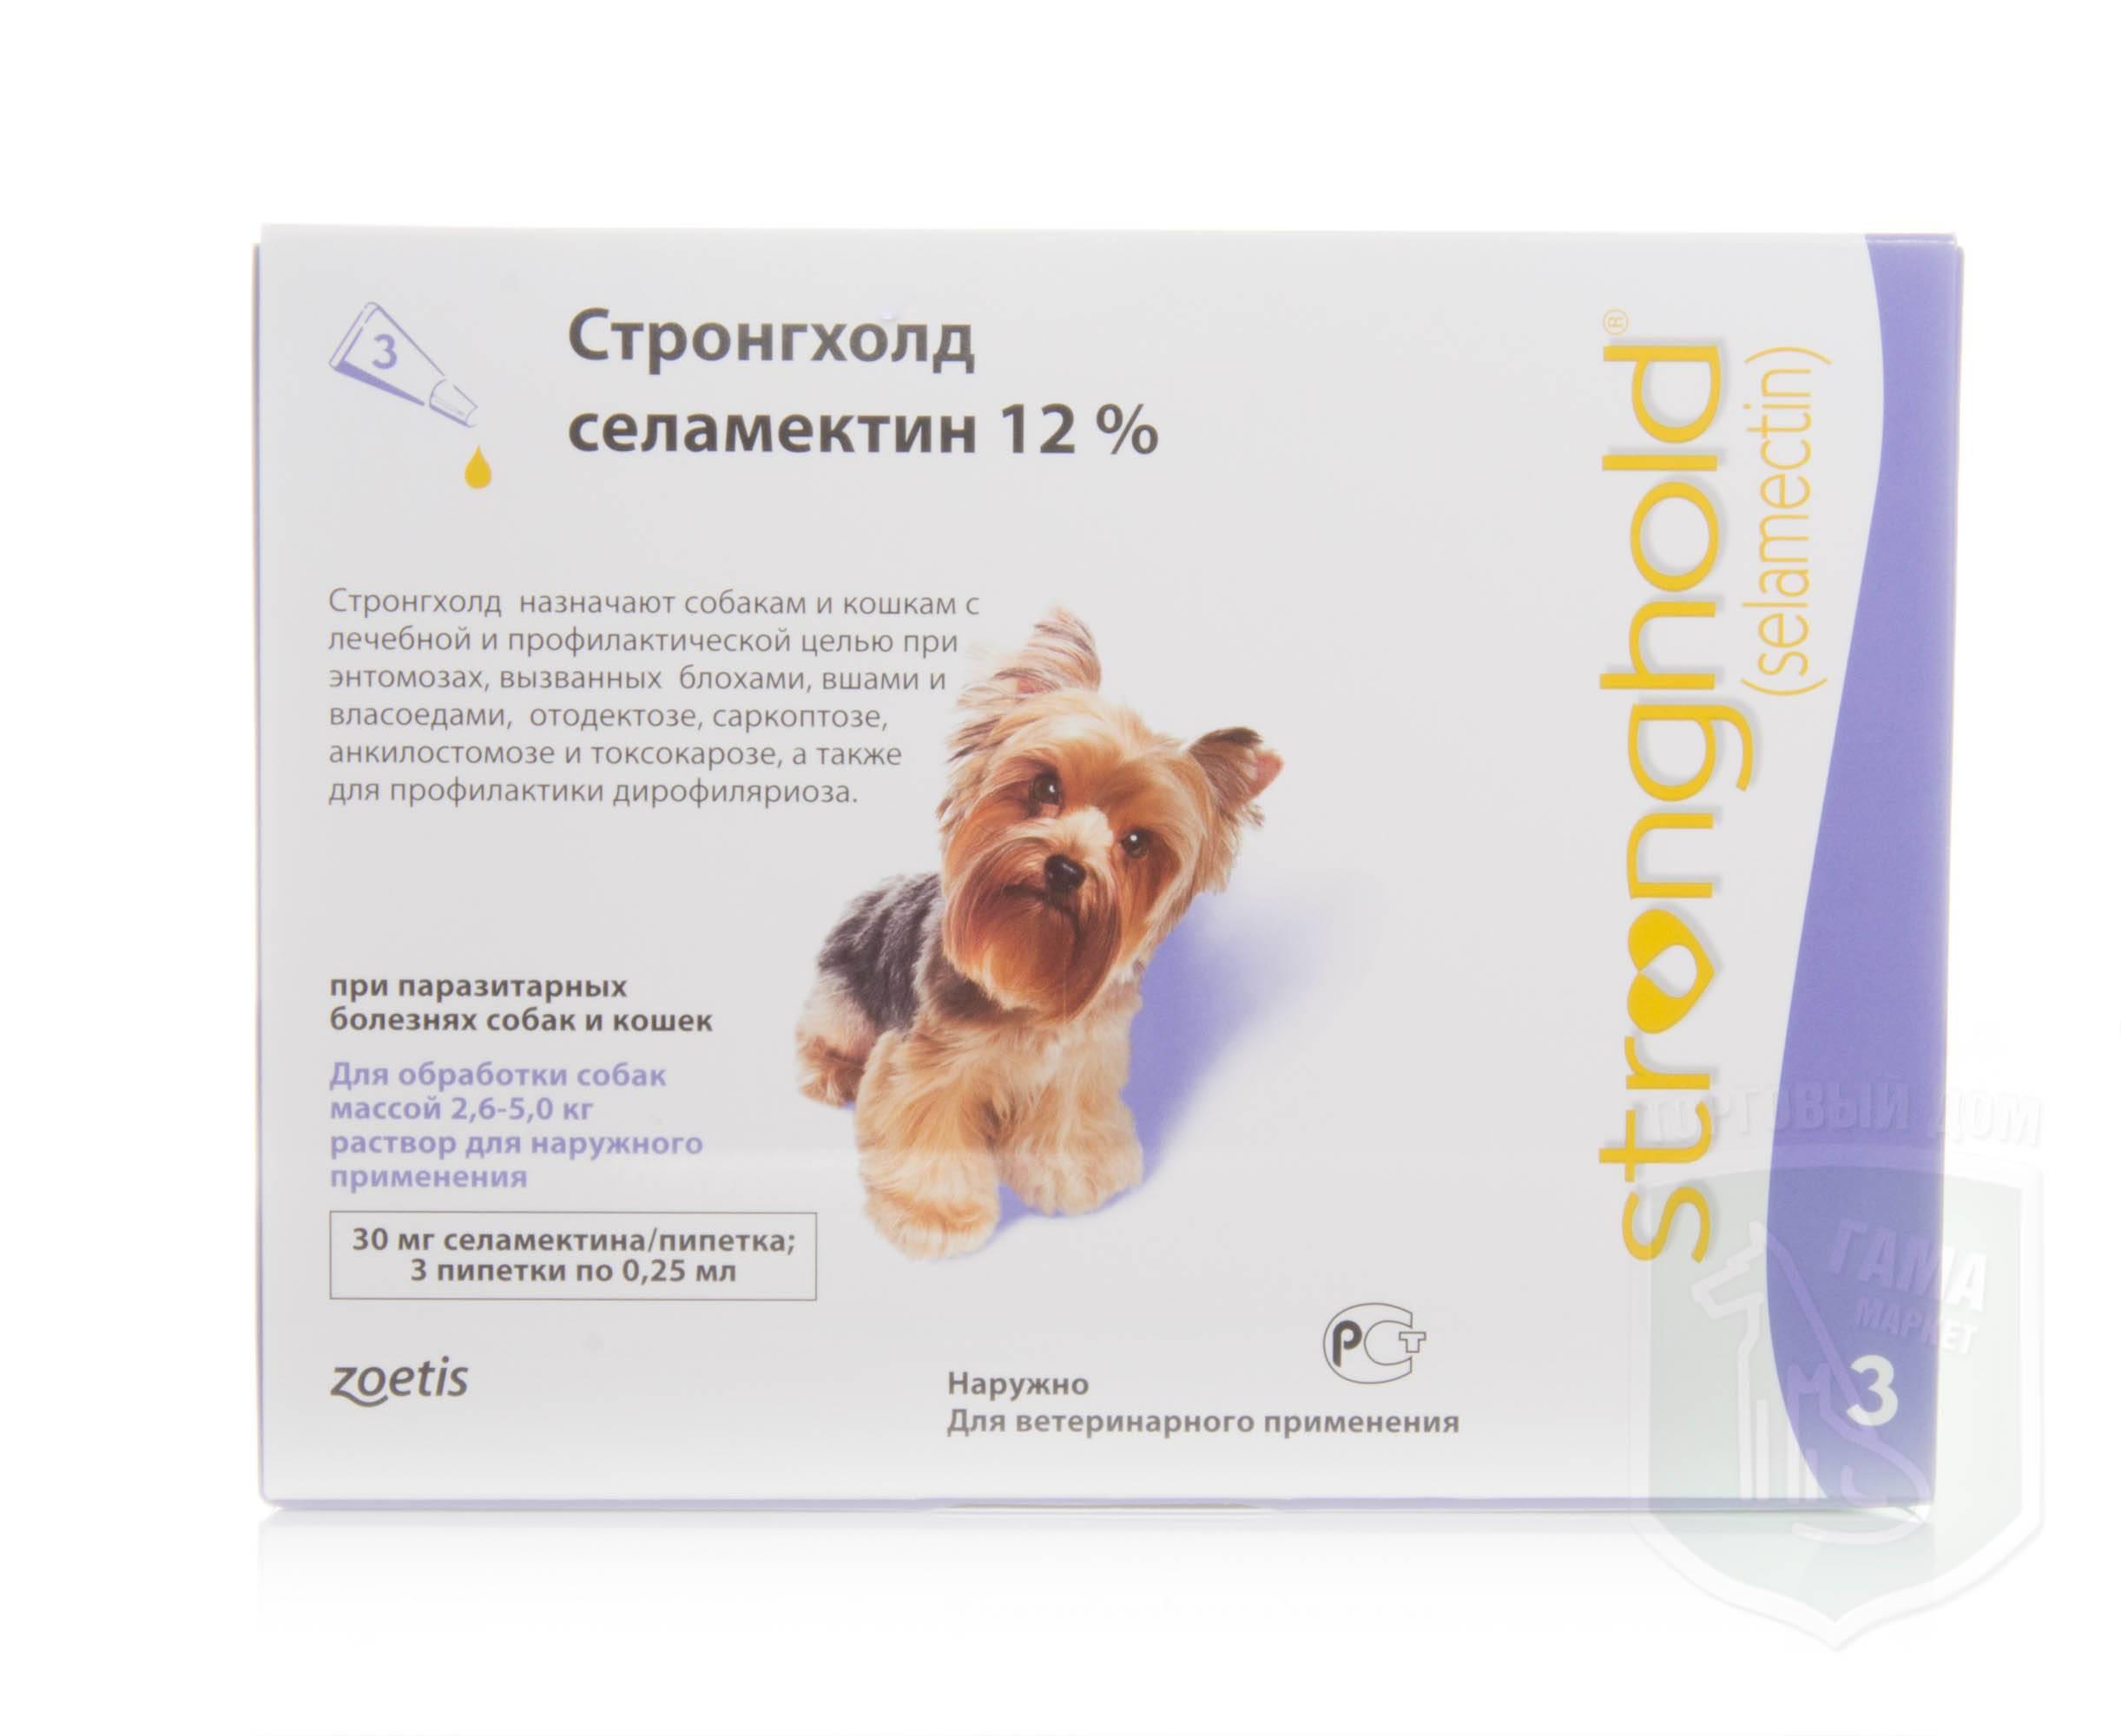 Стронгхолд для собак: инструкция по применению, цена, отзывы